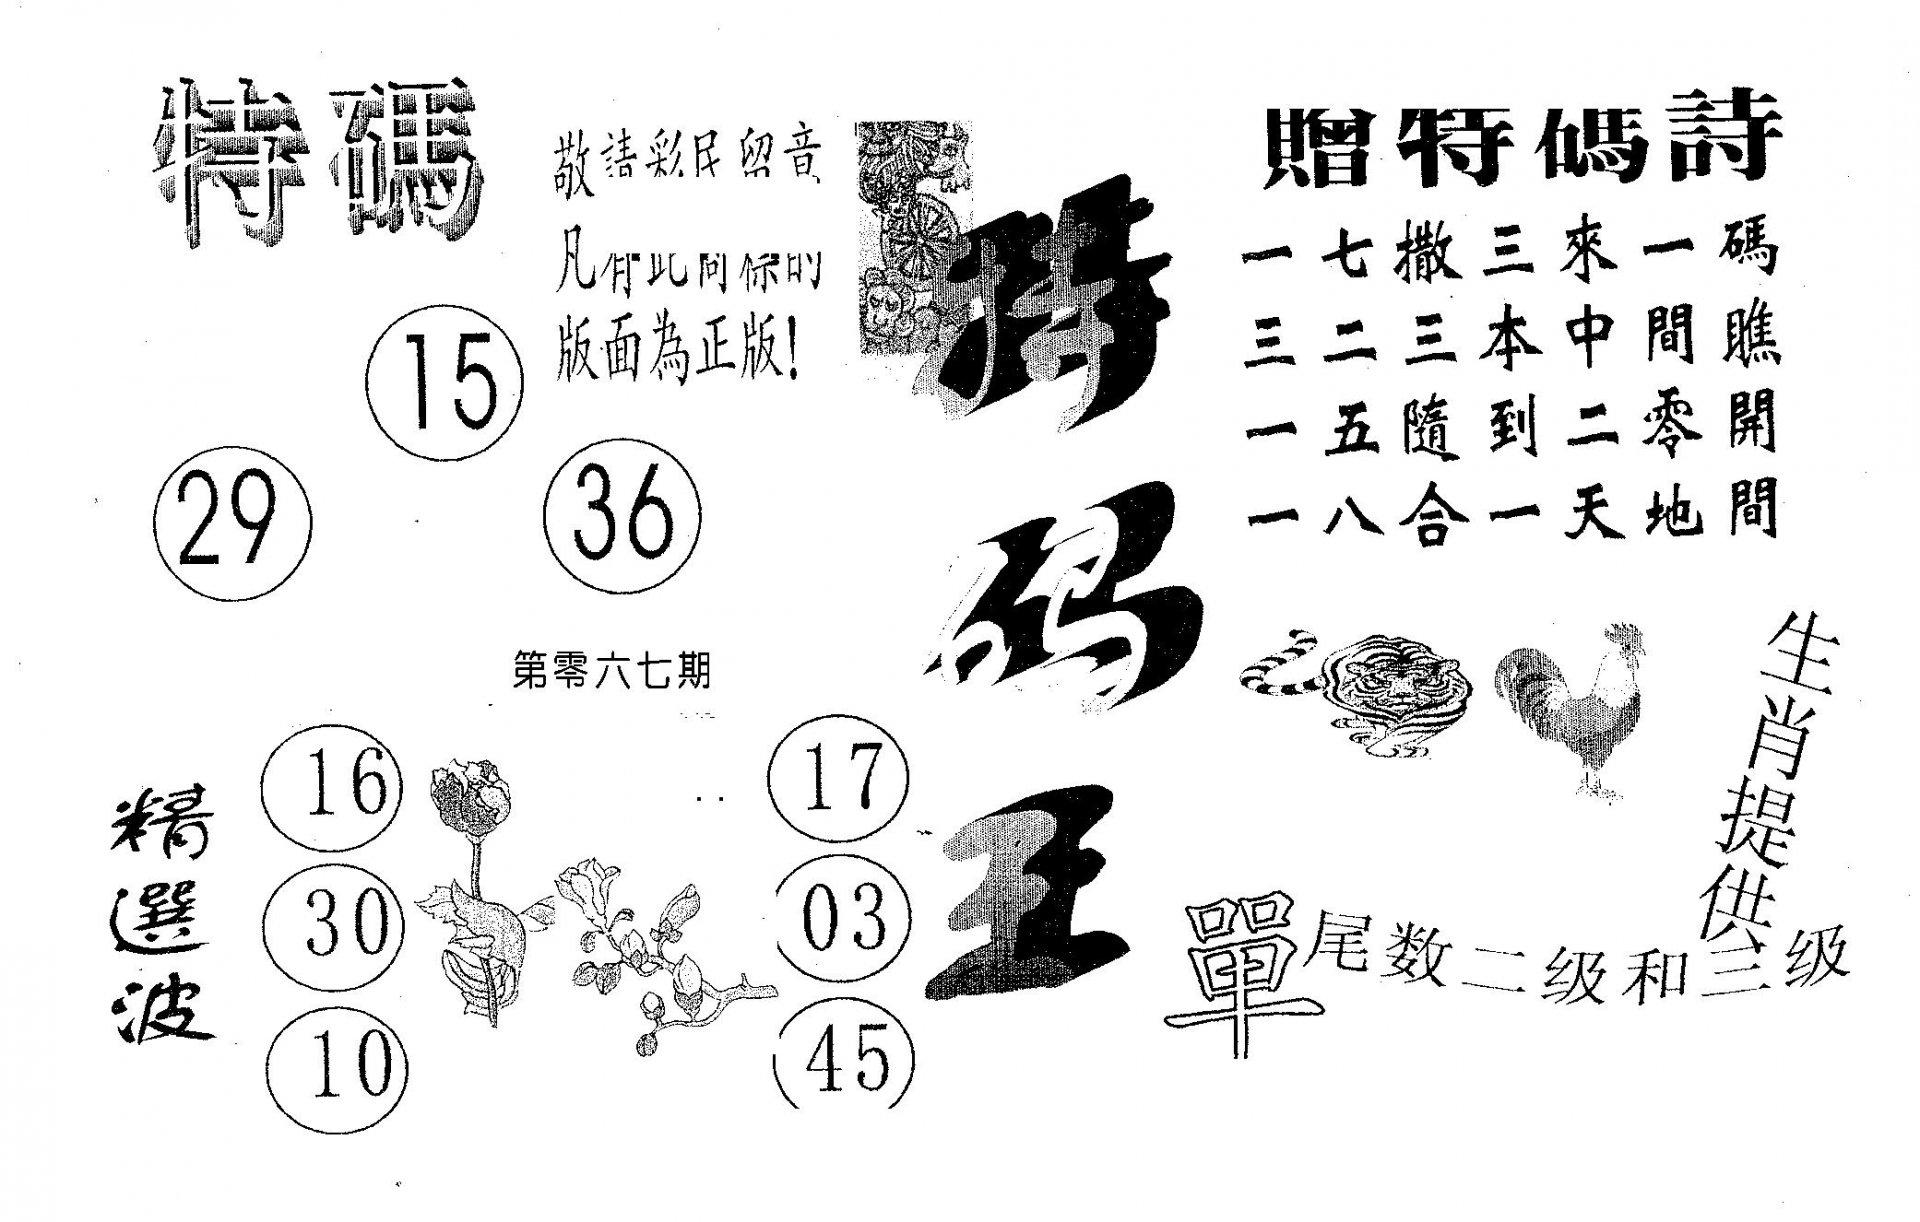 067期特码王A(黑白)